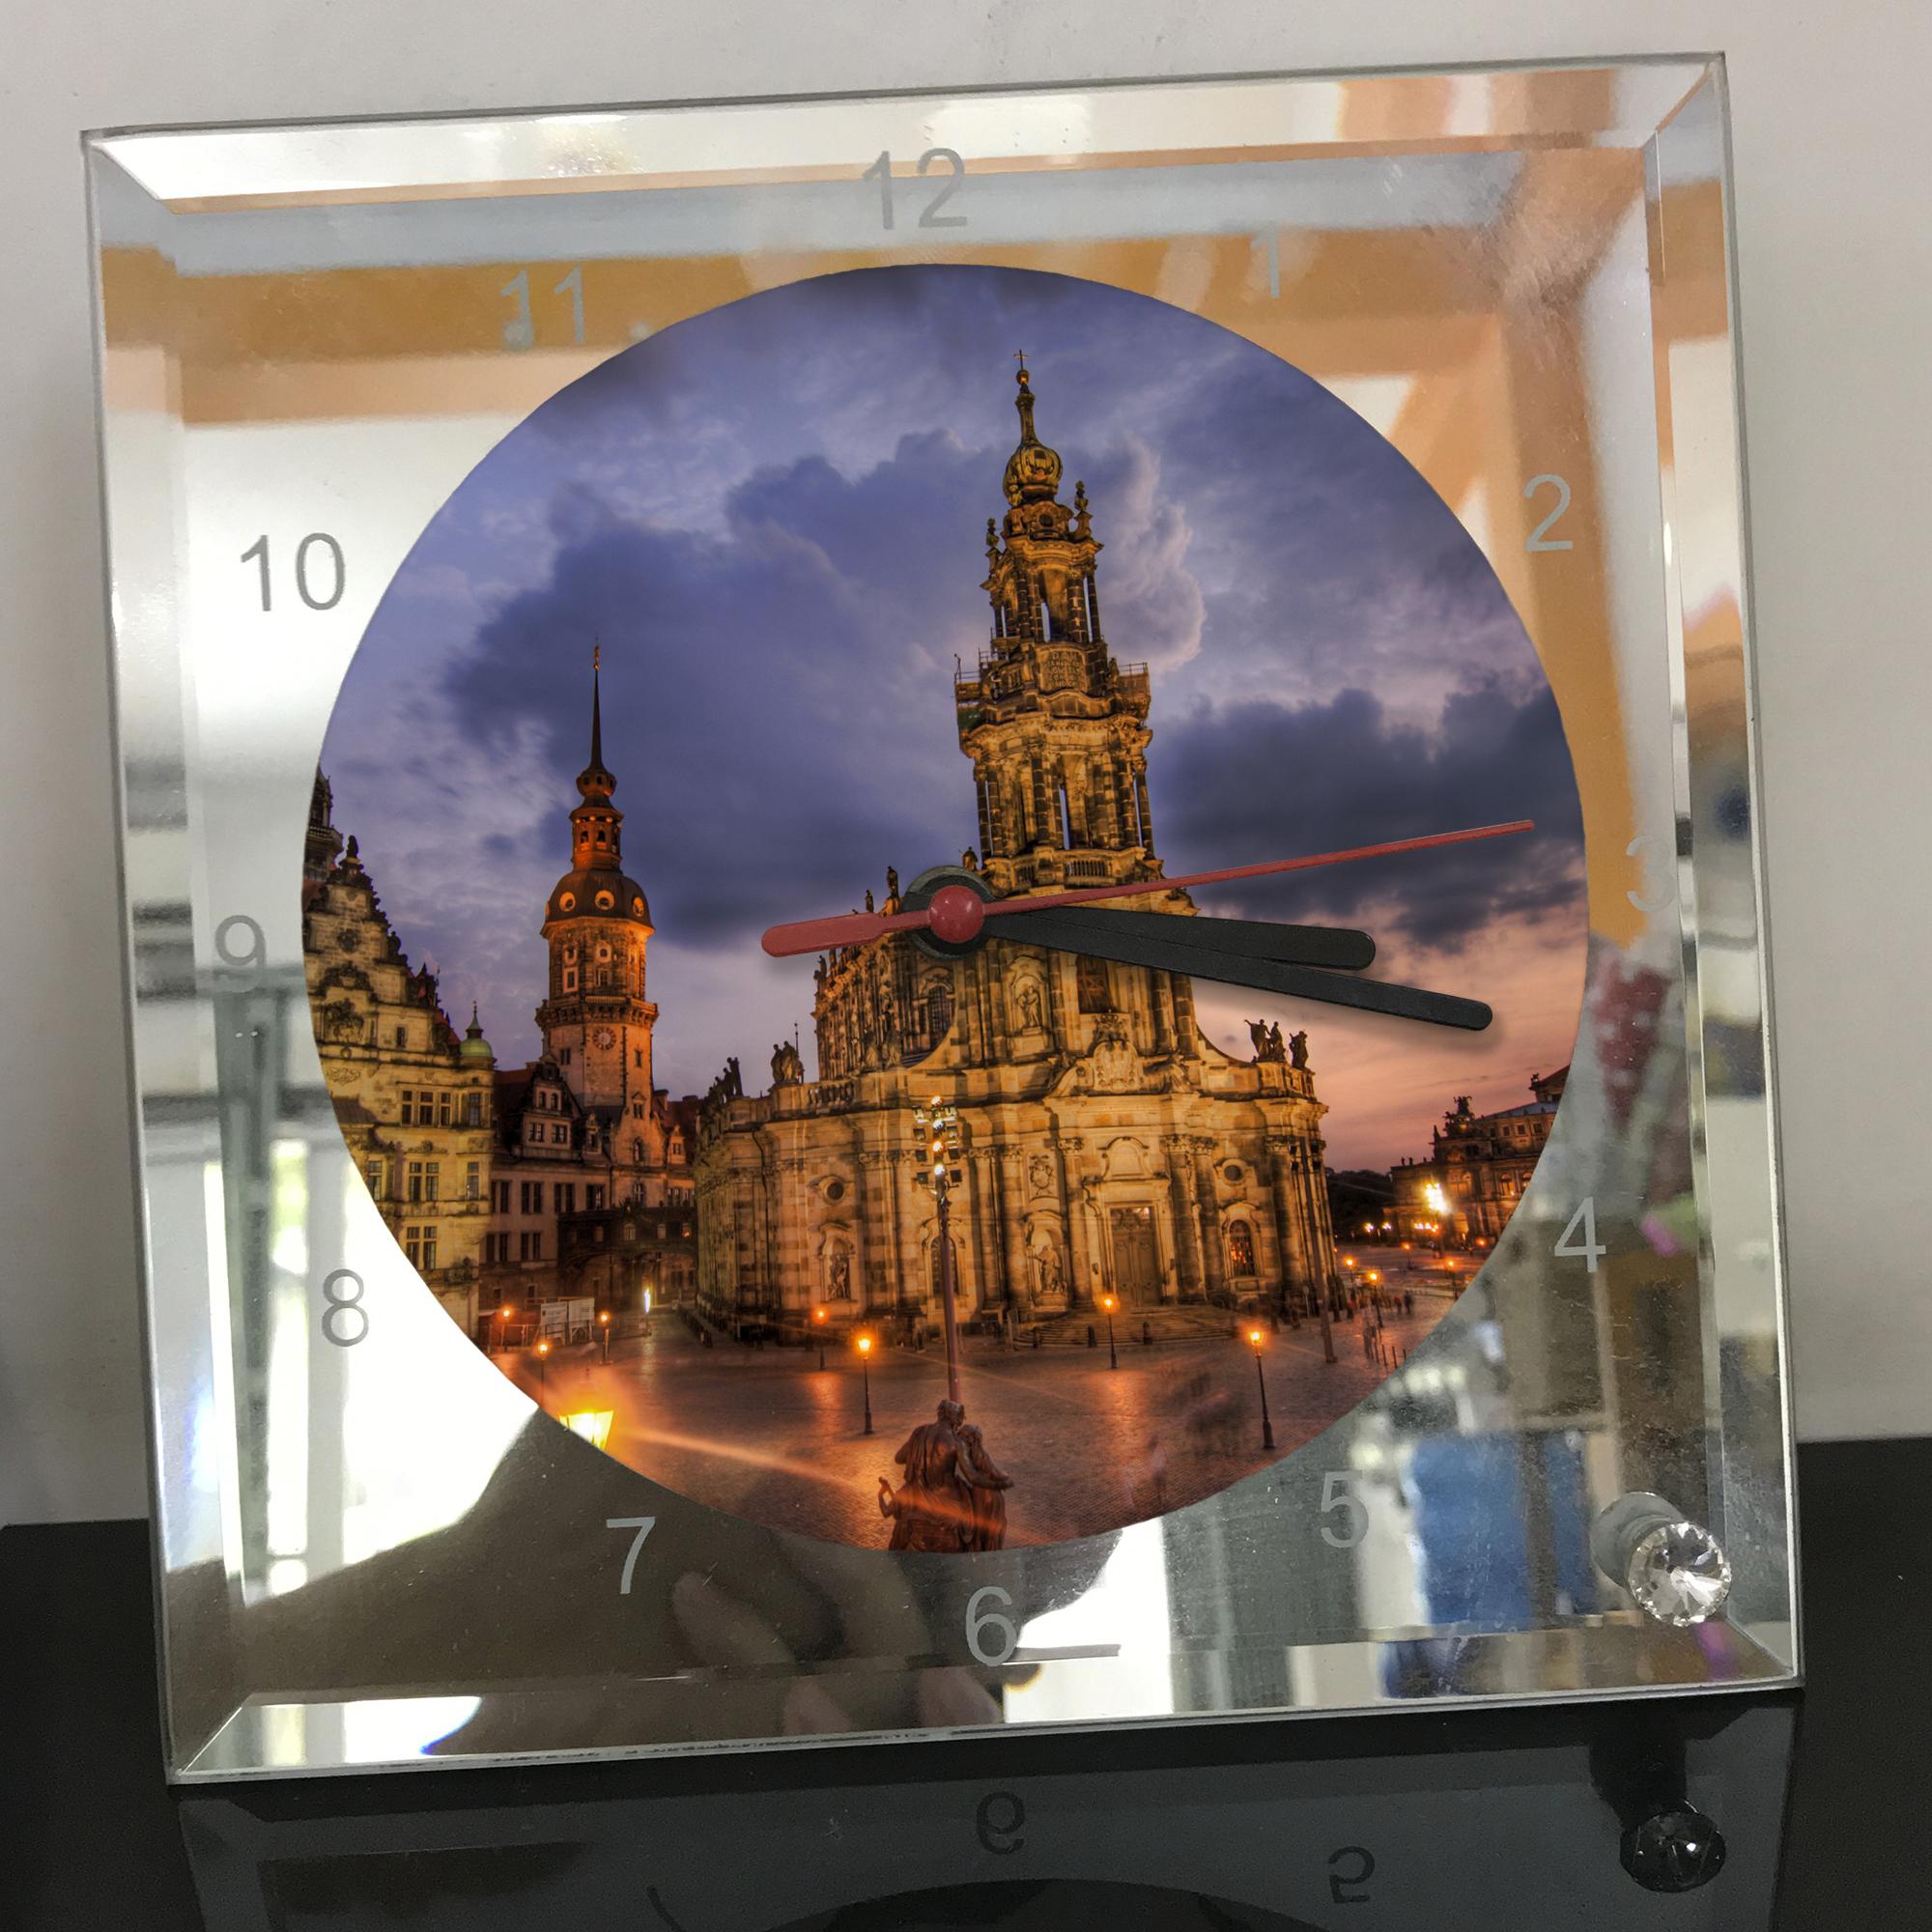 Đồng hồ thủy tinh vuông 20x20 in hình Cathedral - nhà thờ chính tòa (60) . Đồng hồ thủy tinh để bàn trang trí đẹp chủ đề tôn giáo